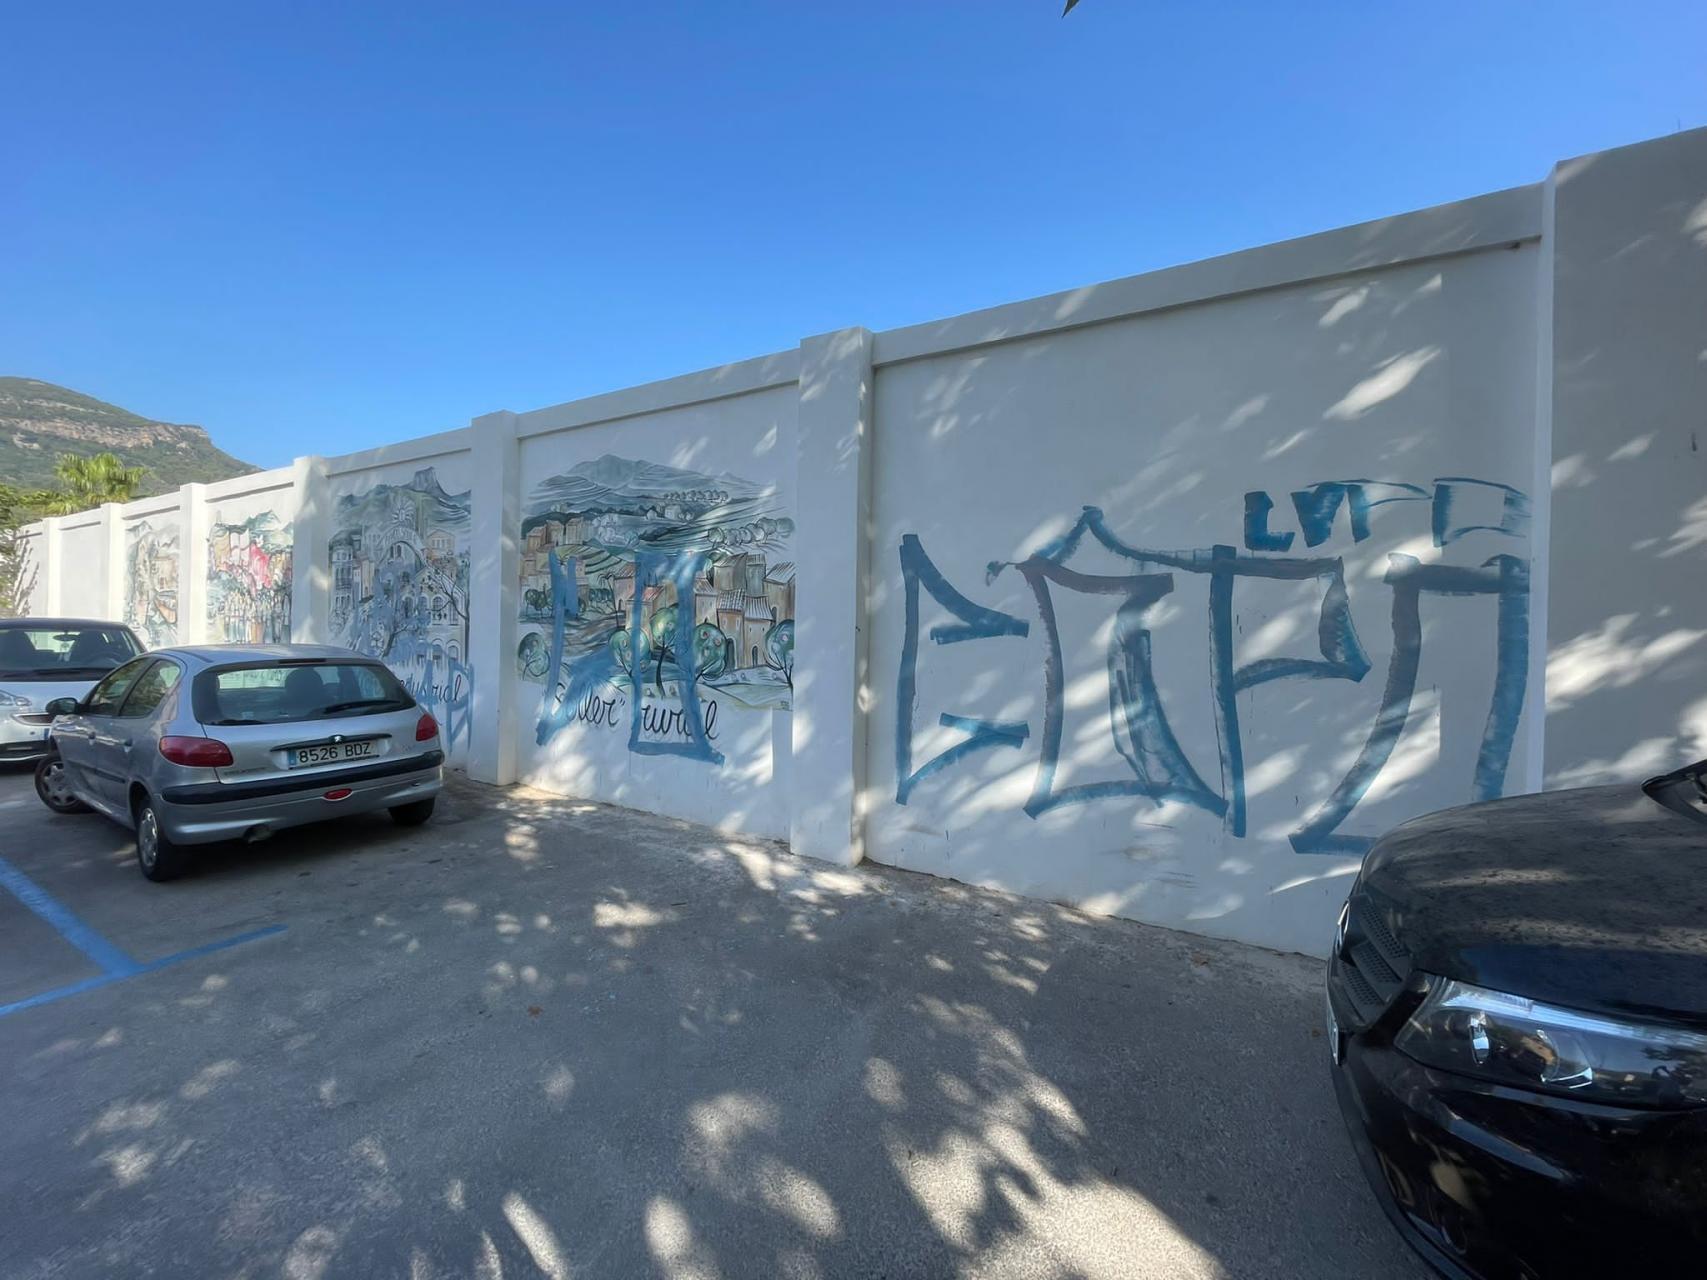 mindless graffiti vandalism.